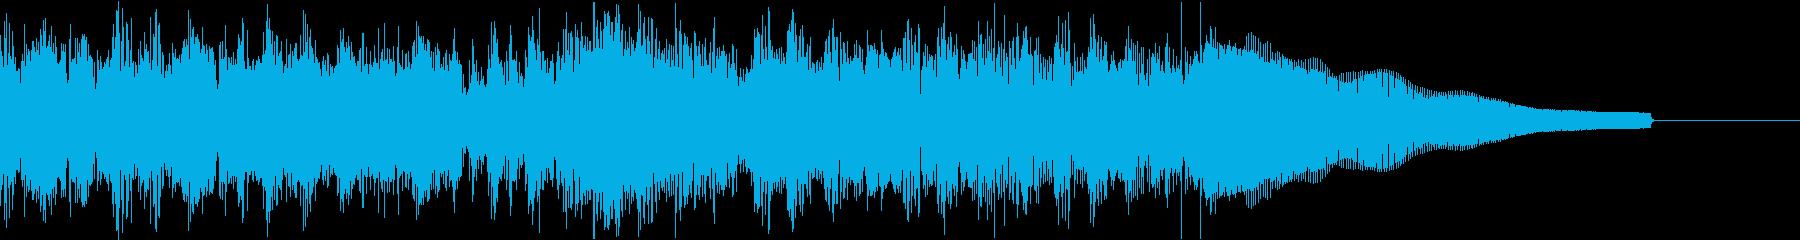 カントリー風ギターイントロ−07Gの再生済みの波形